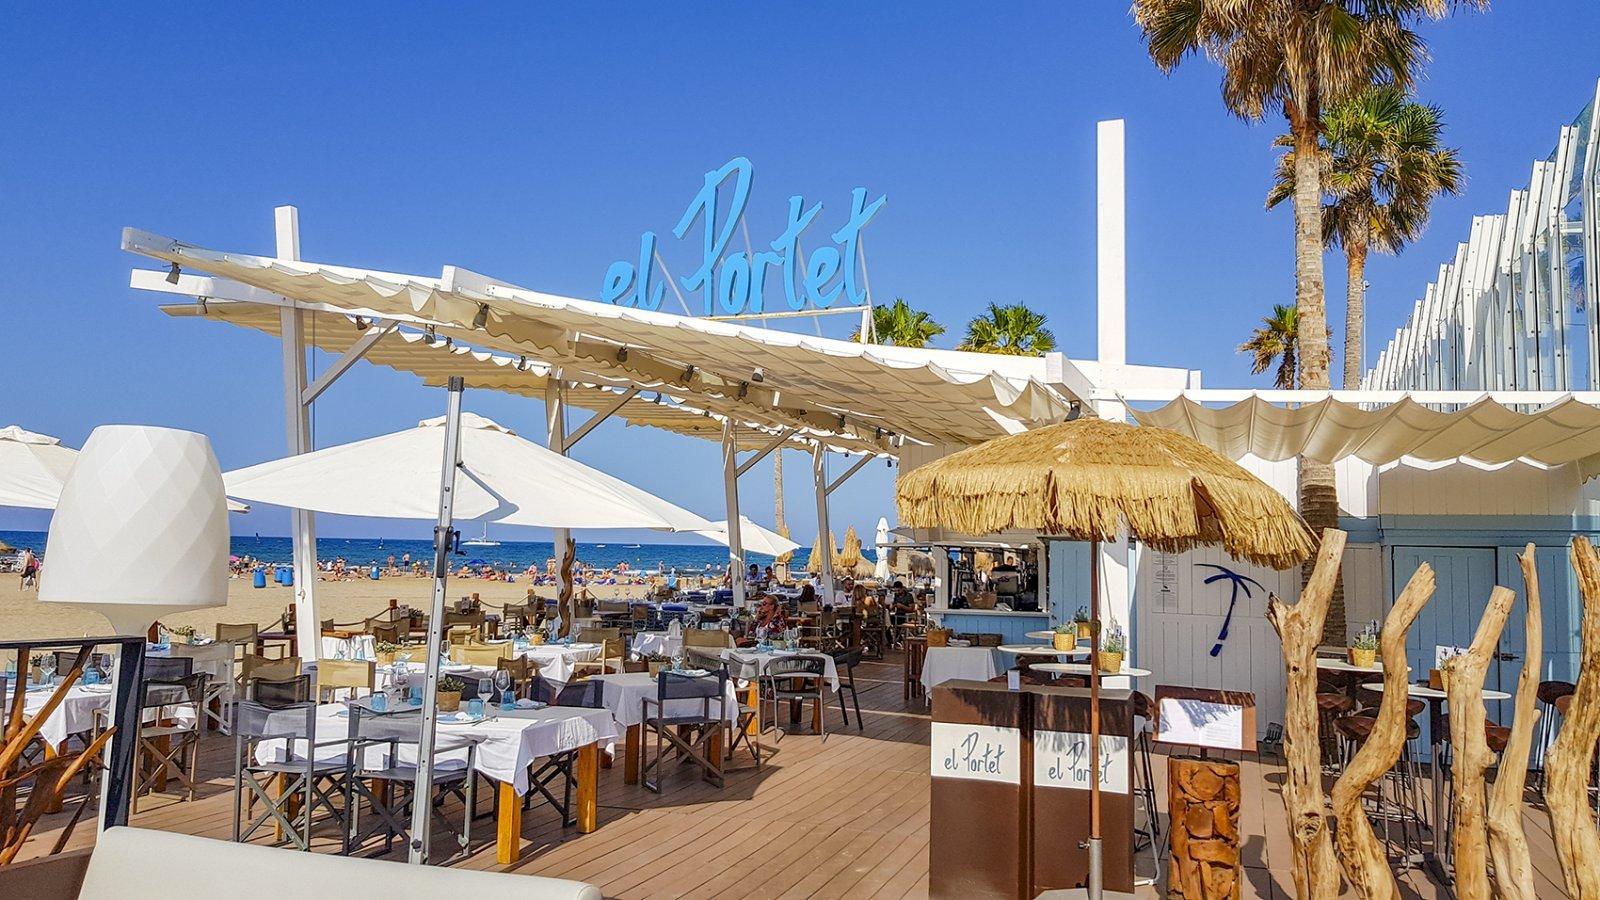 El Portet Restaurant is onderdeel van Marina Beach Club Valencia en is te vinden op het strand